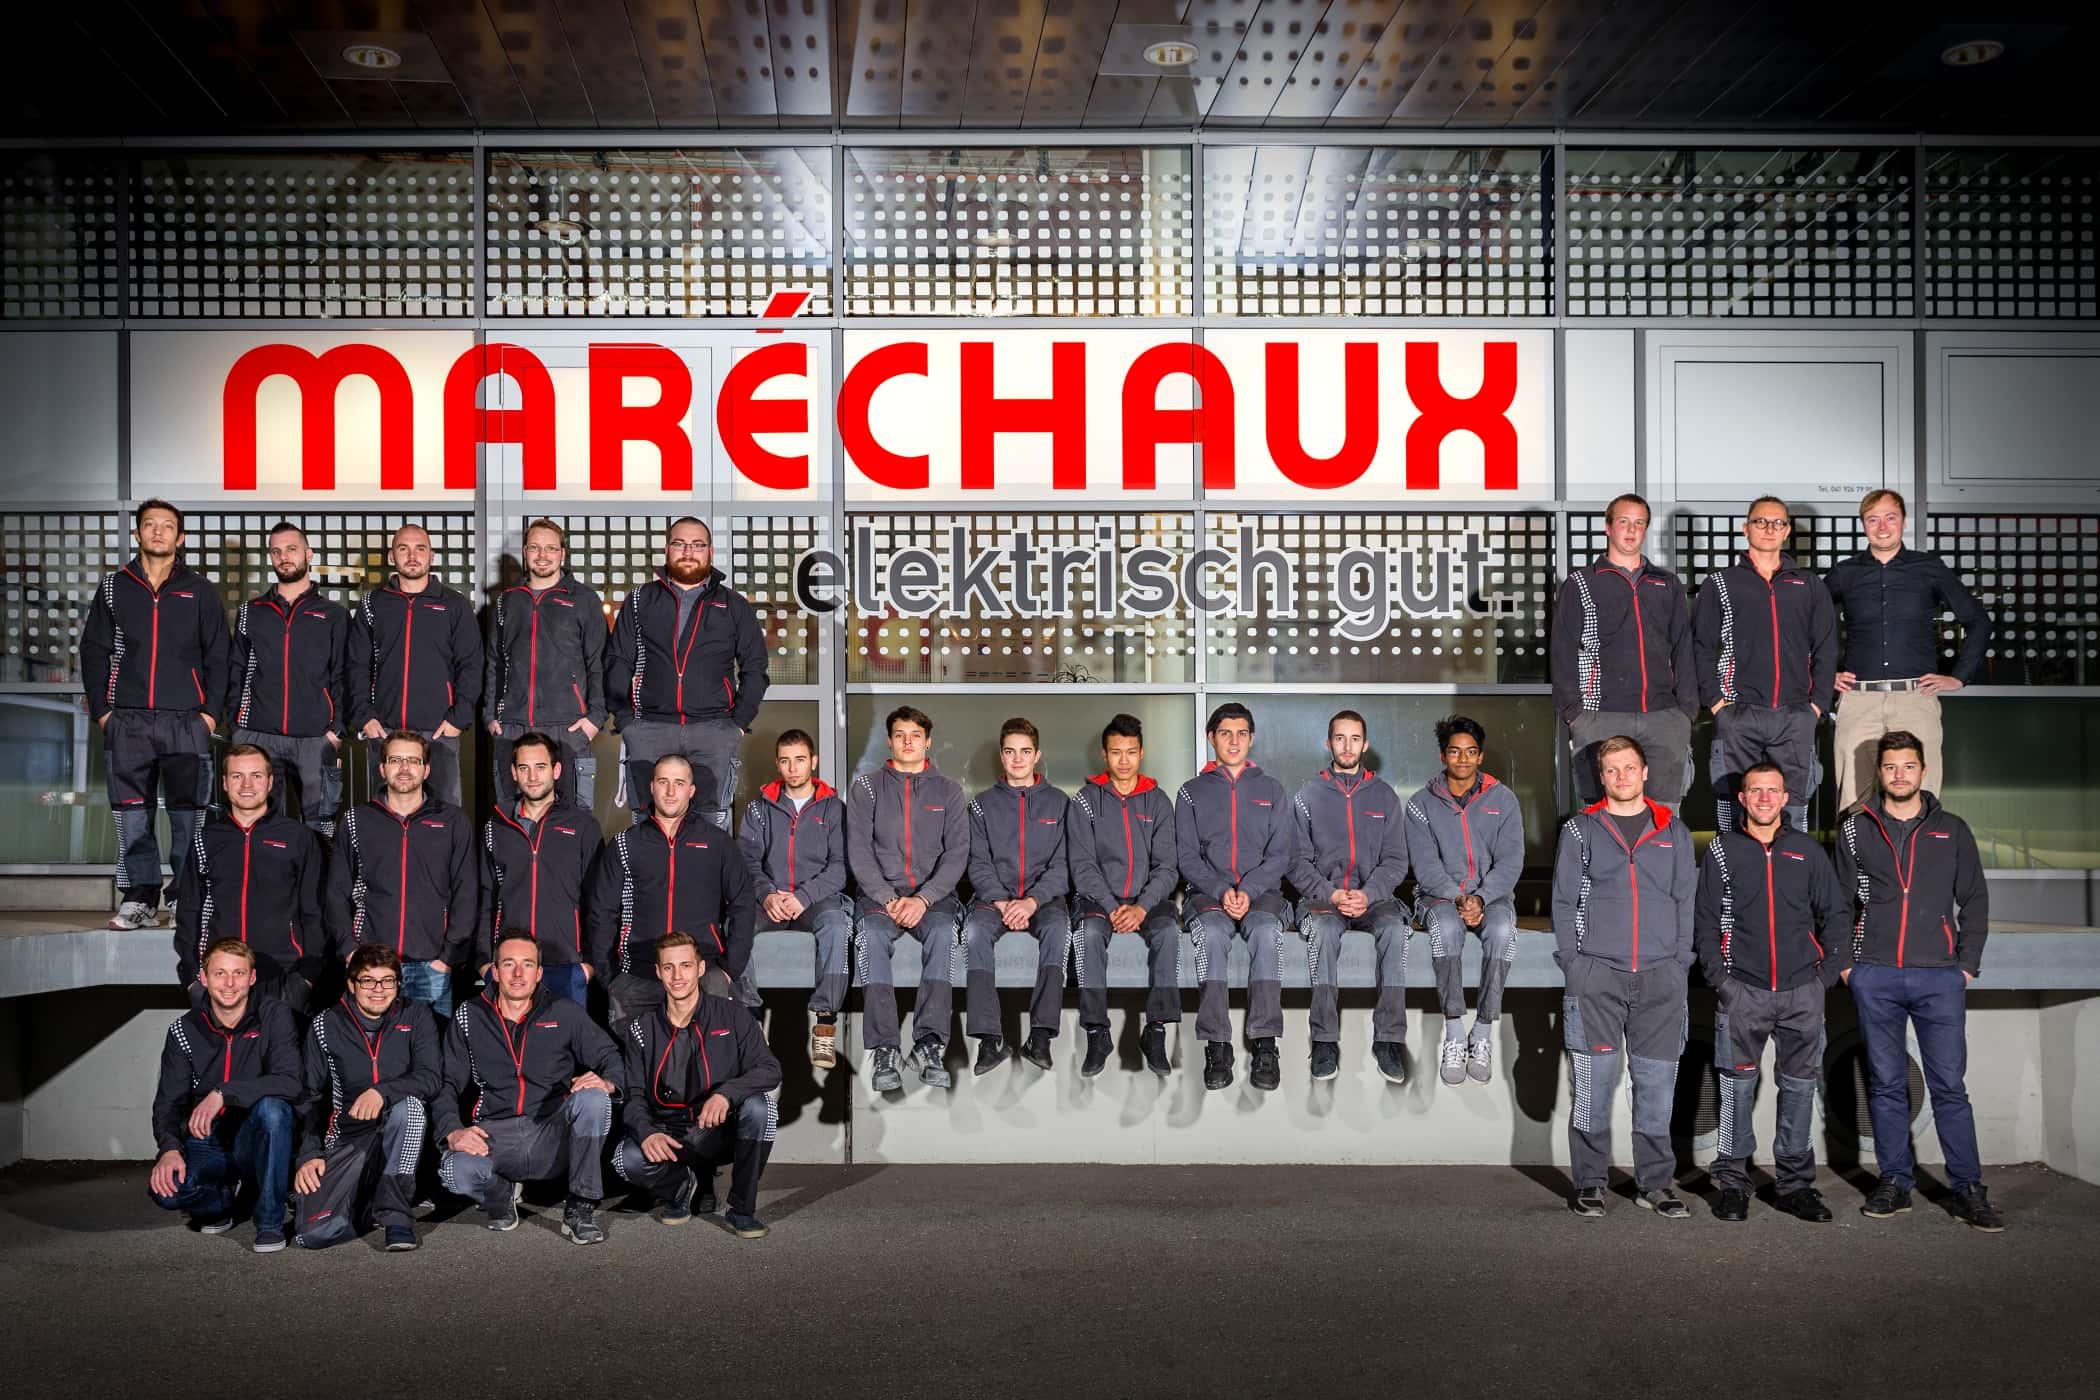 Maréchaux-Sursee-Team im Jahr 2015